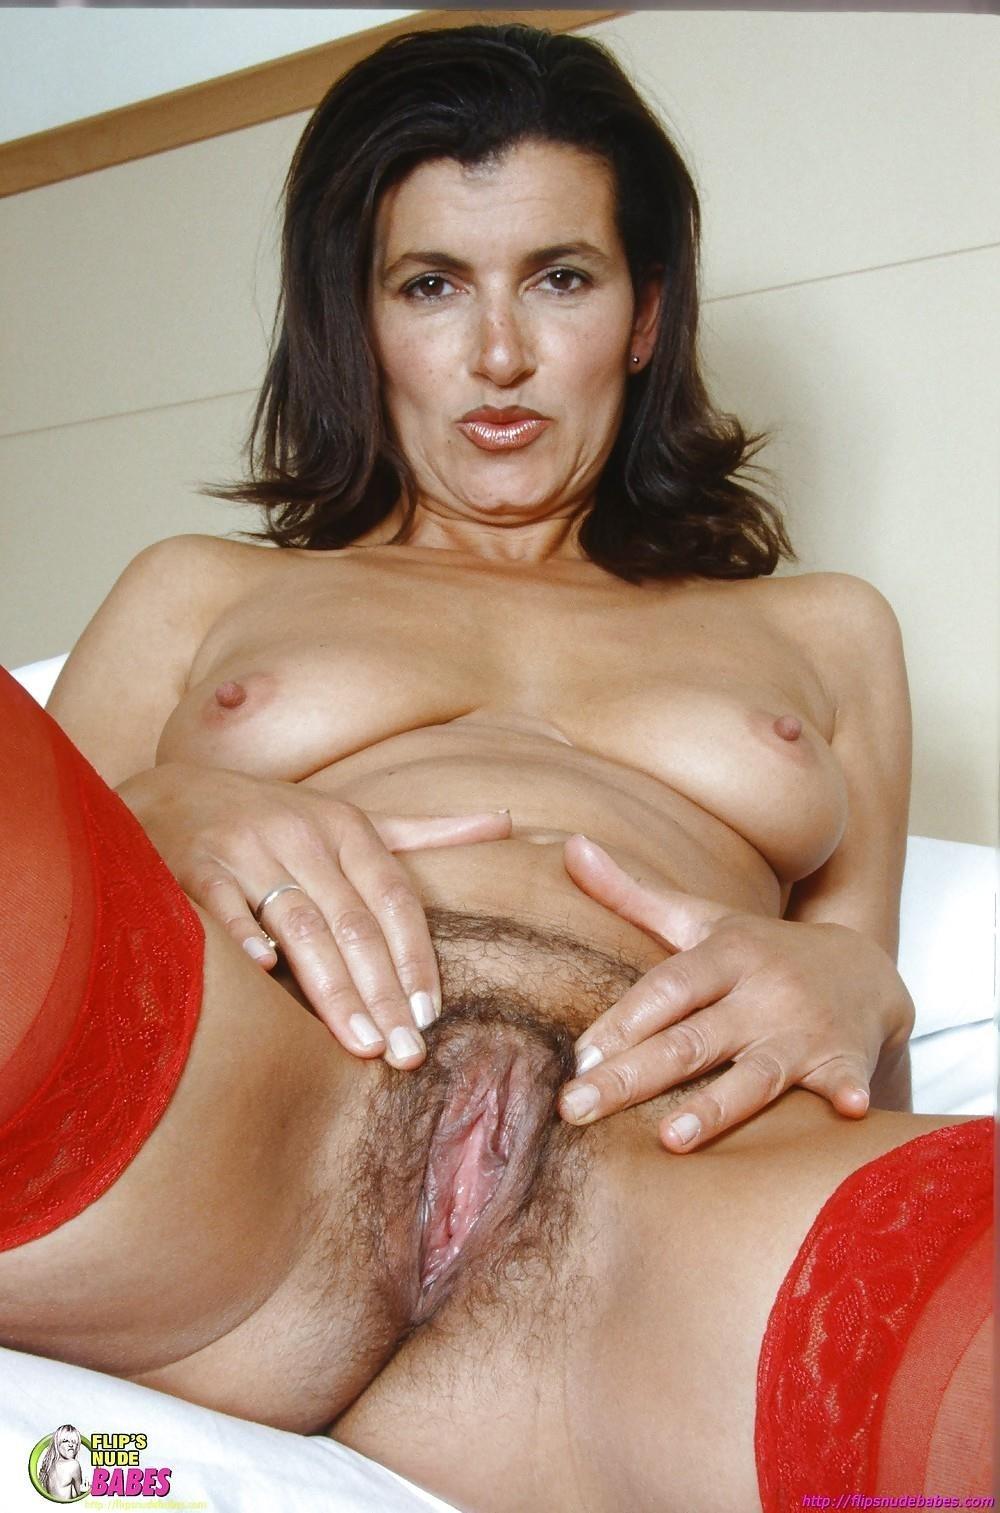 Sex porn hd pics-8602